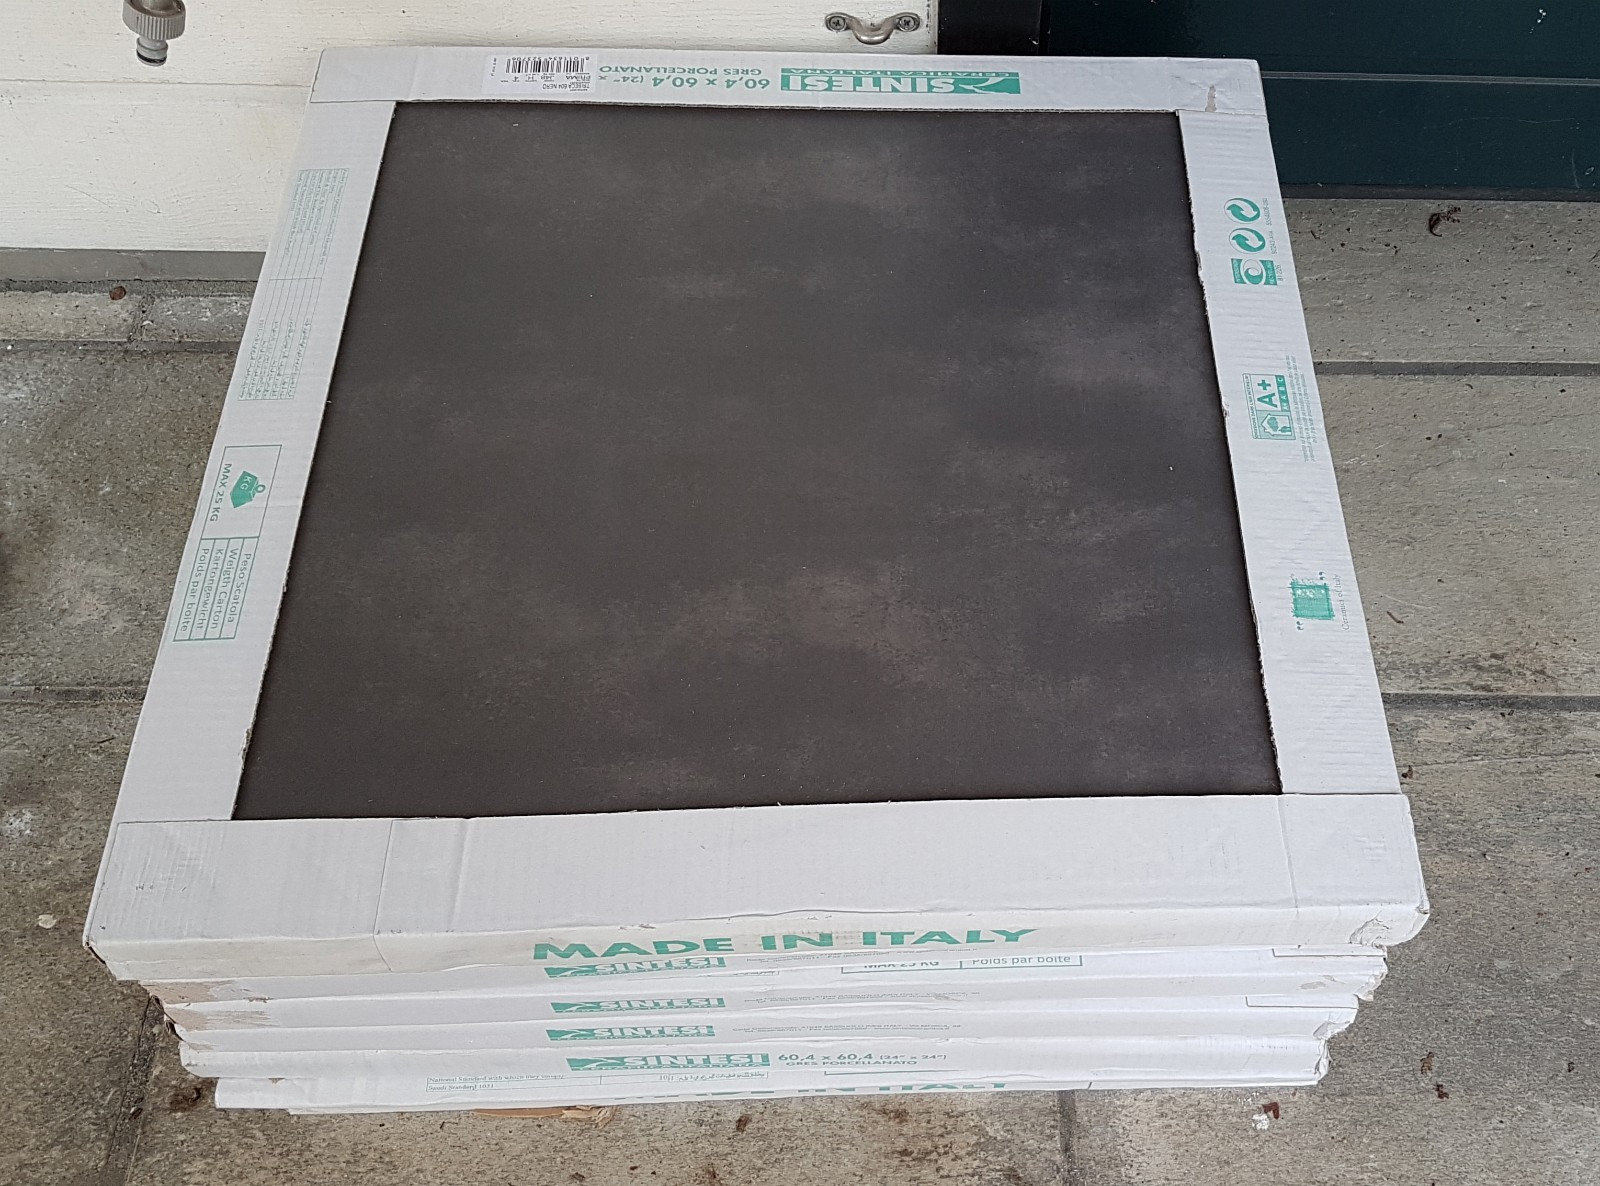 Fliser 60x60 Sintesi Tribeca Nero, koksgrå - Slependen  - Gulvfliser 60cm x 60cm Sintesi Tribeca Nero, koksgrå selges.  7 uåpnede pakker á 4 fliser, til sammen ca 10 kvadratmeter. Kjøpt august 2017 hos  Flisekompaniet. Nypris kr 399 per kvm. - Slependen